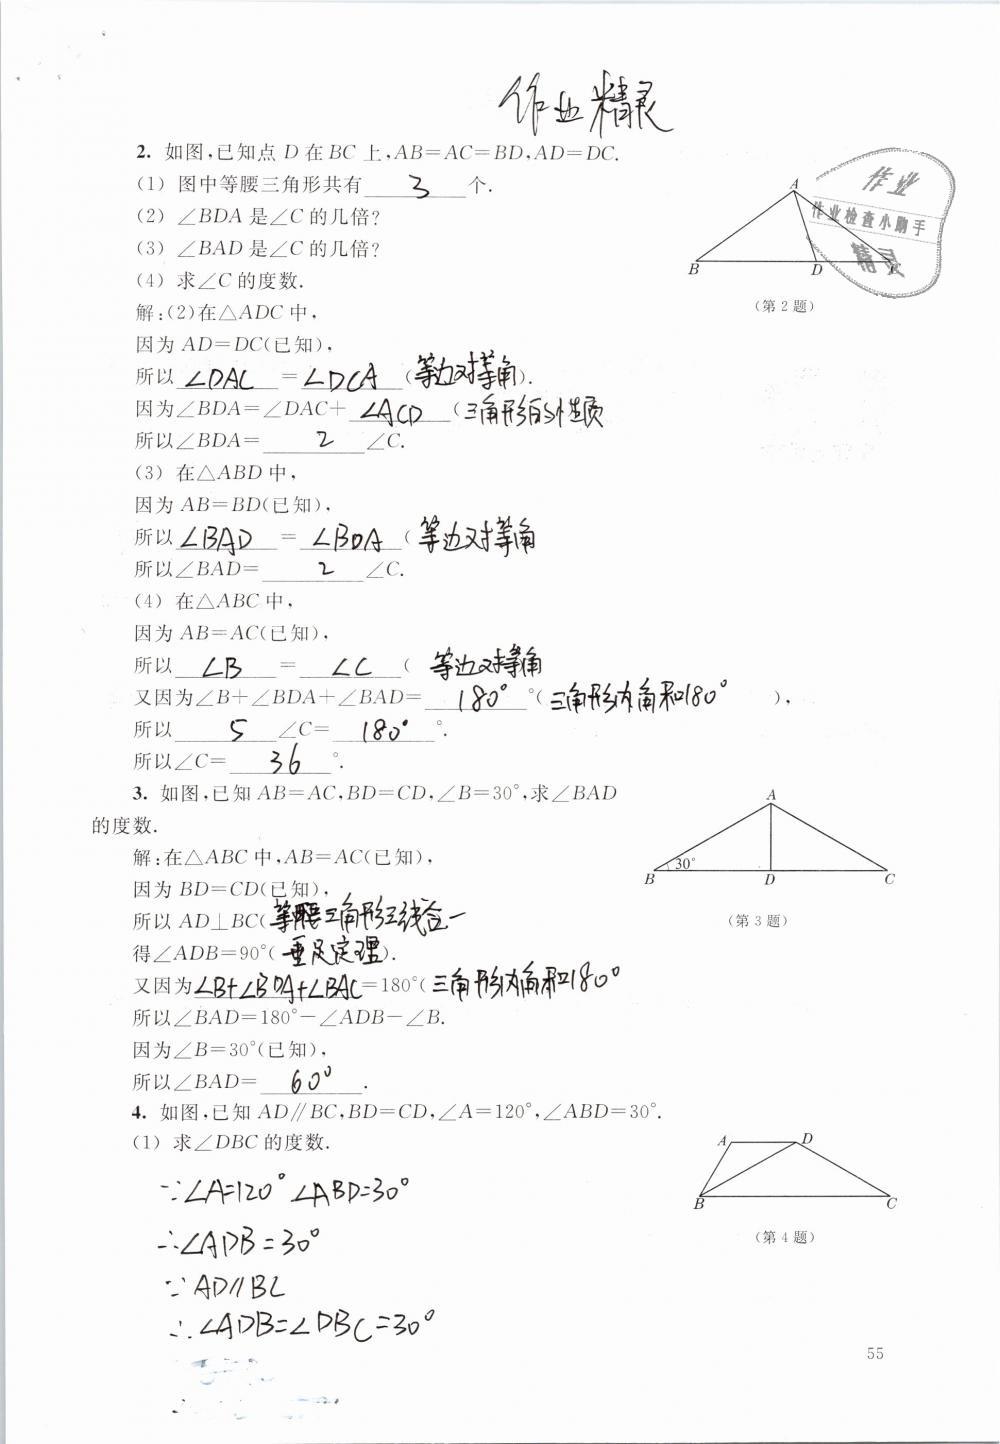 2019年数学练习部分七年级第二学期第55页